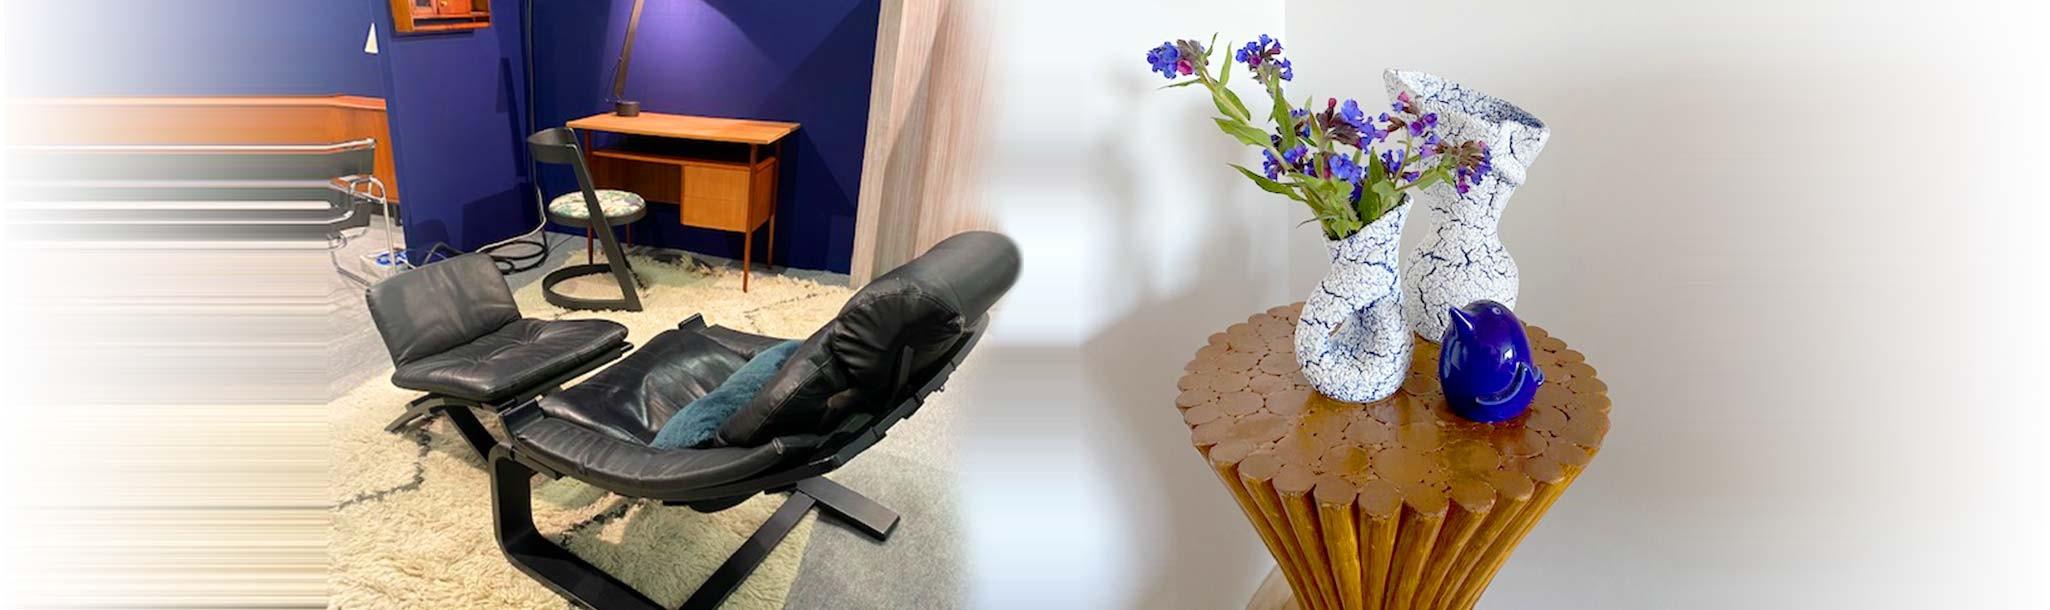 """Ambiance scandinave, vintage, design... """"Faites de votre intérieur un lieu unique"""""""